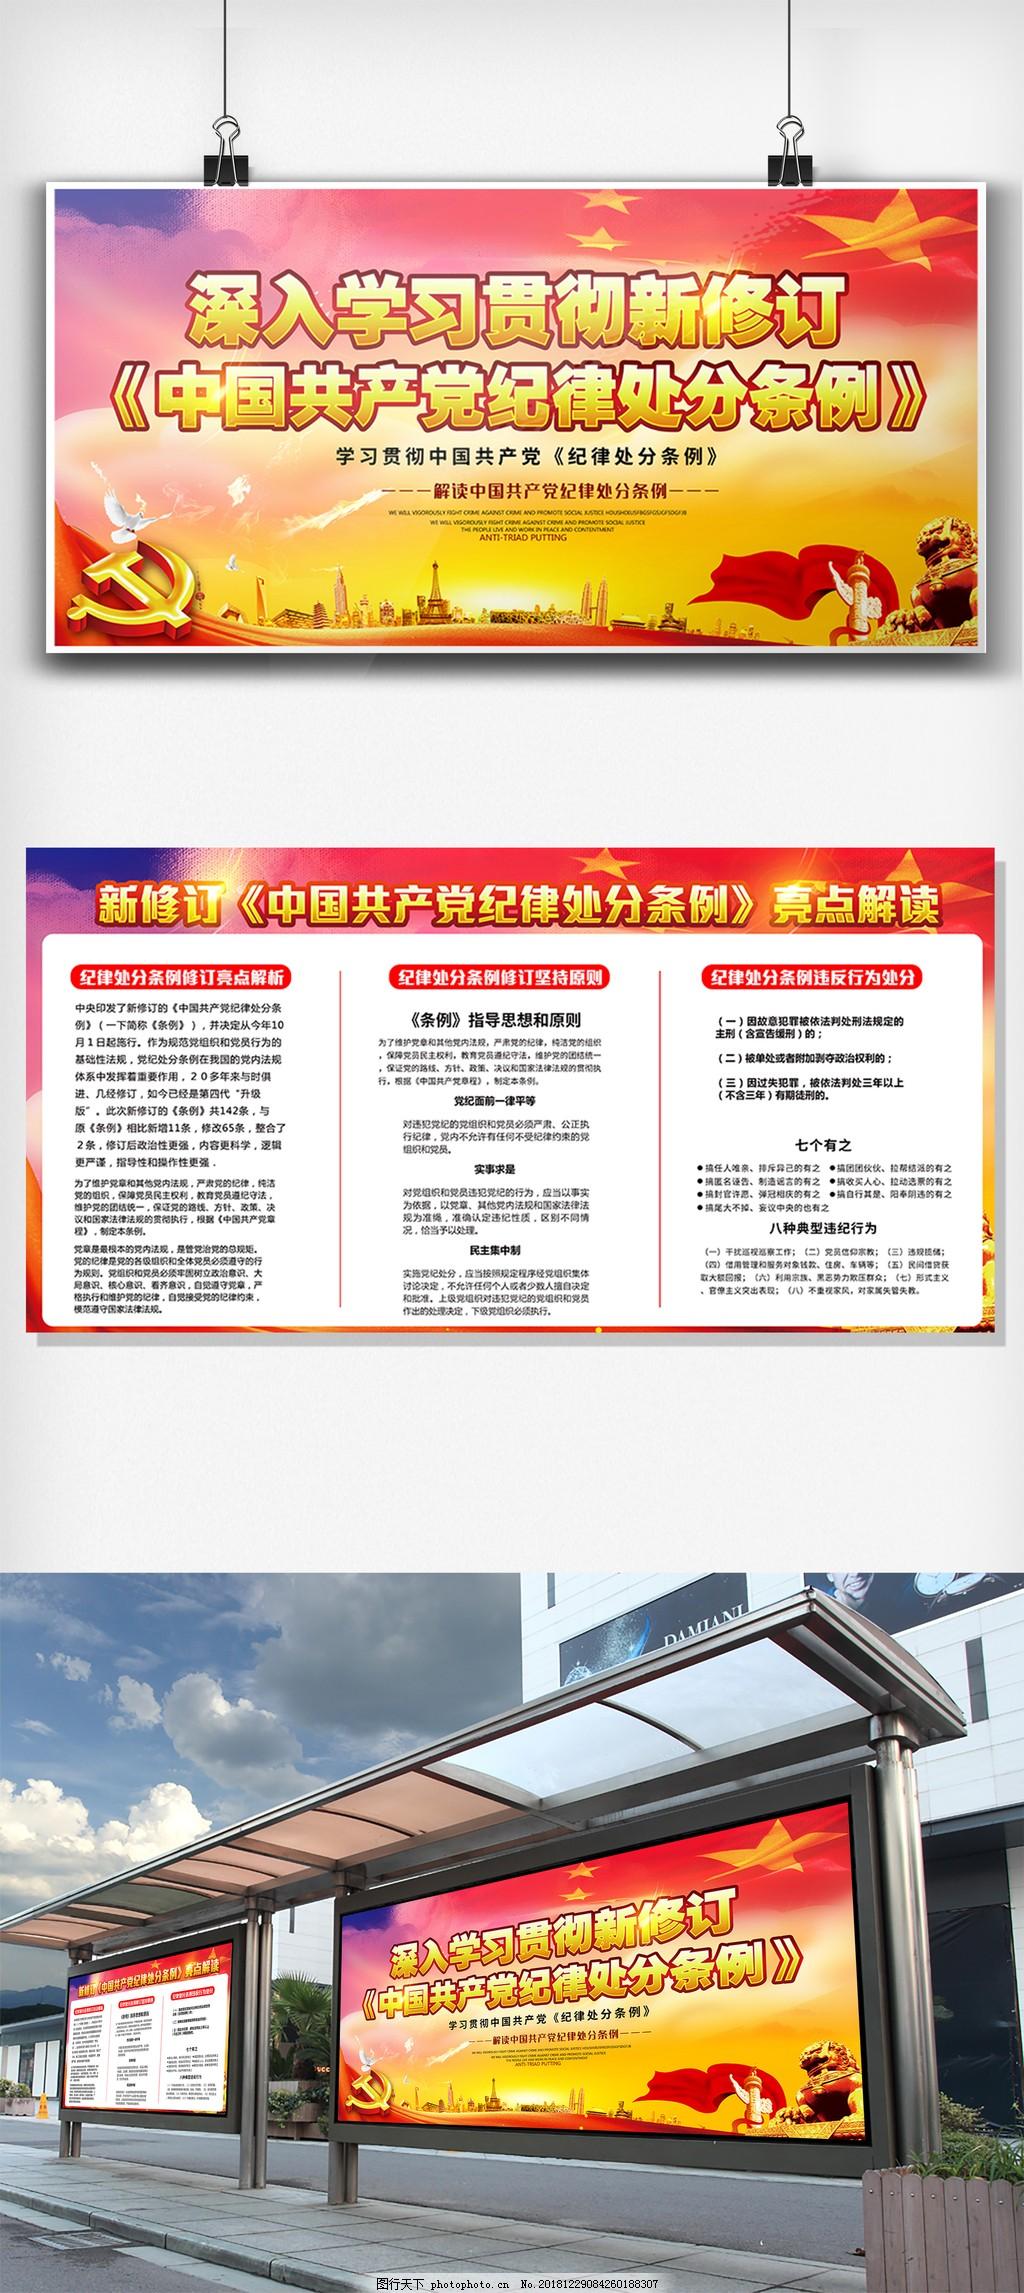 共产党新修订的纪律处分条例展板设计,平面素材,免费素材,展板模板,新条例双面展板,党建双面展板,党建文化